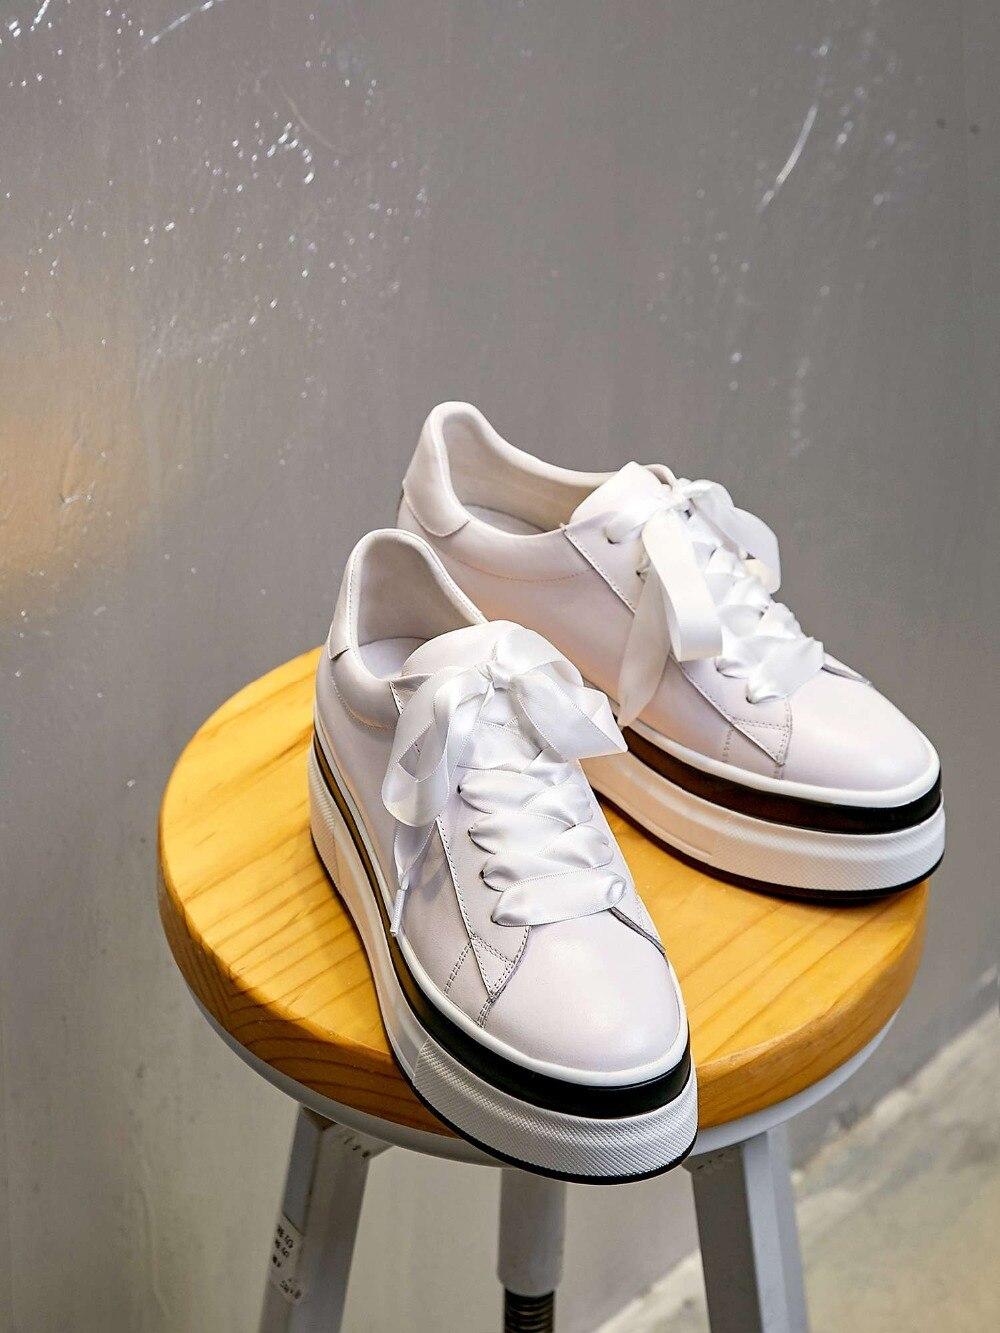 Véritable Plate Ruban Sneakers Bout forme Chaussures Lace Rond Up Cuir Lacent Fond Rose Épais Magnifique L6f3 Vulcanisé blanc Haute r7PYwOrq